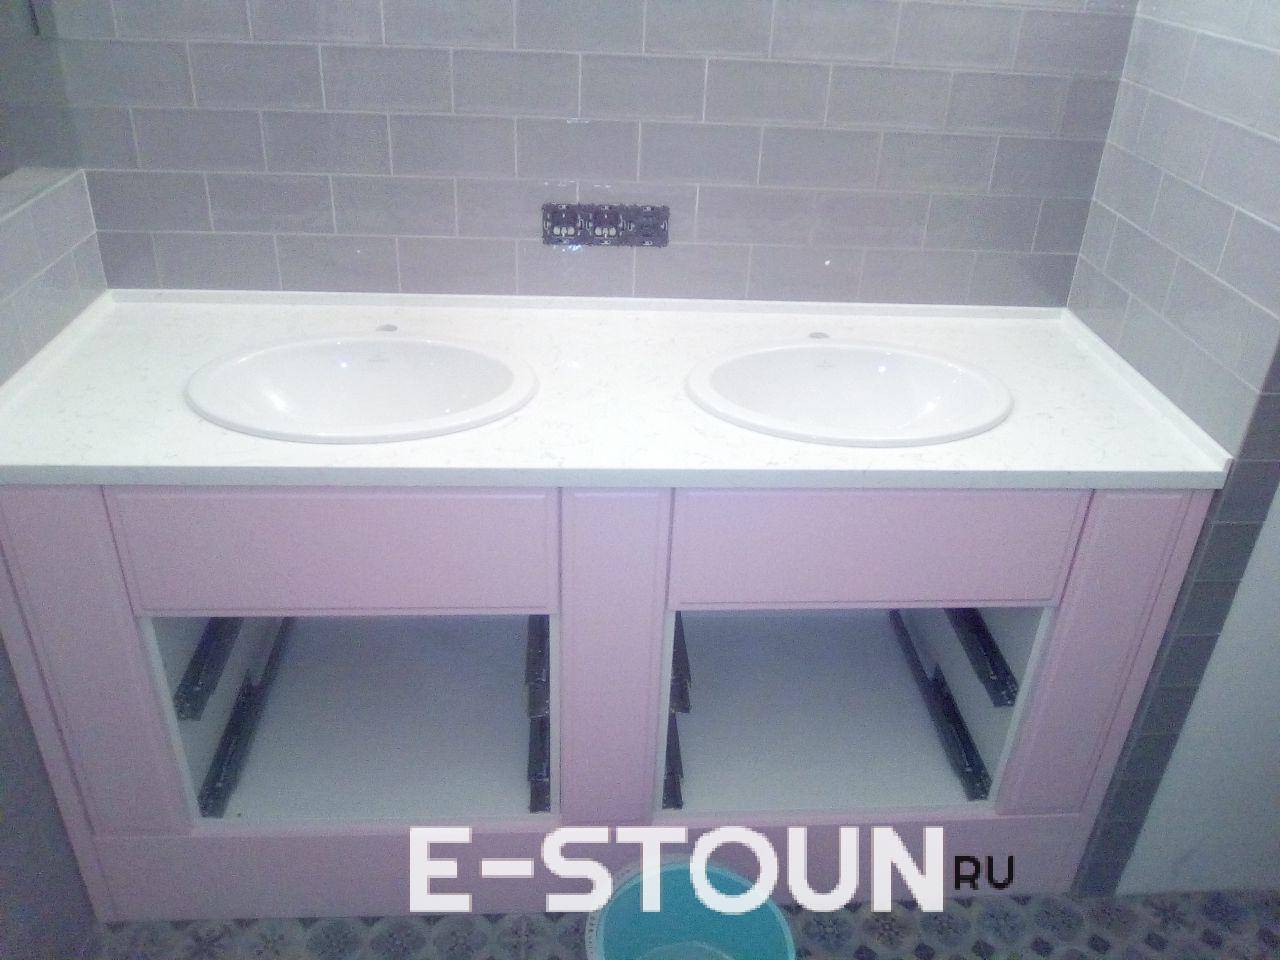 Фотографии столешницы в ванную с двумя накладными раковинами из кварцевого агломерата Technistone Areti Bianco